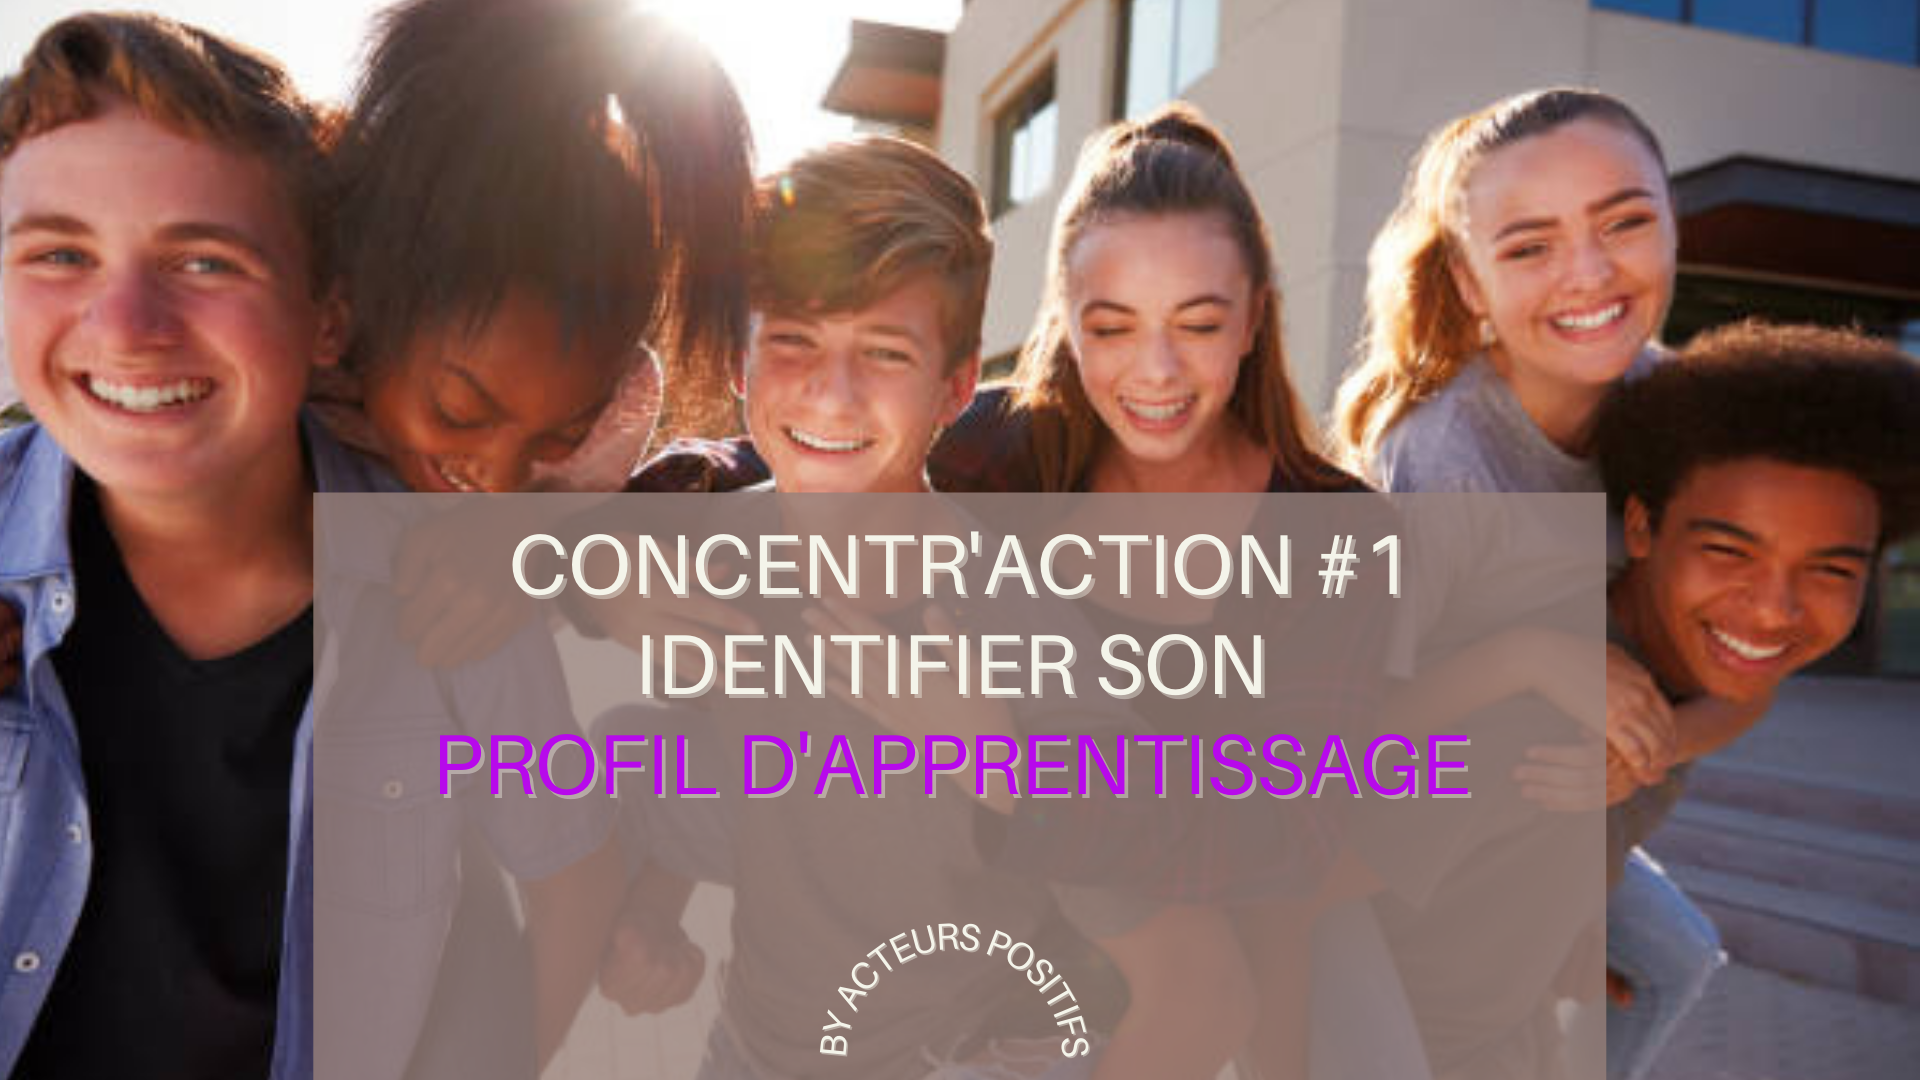 Concentr'Action #1 : Identifier son profil d'apprentissage